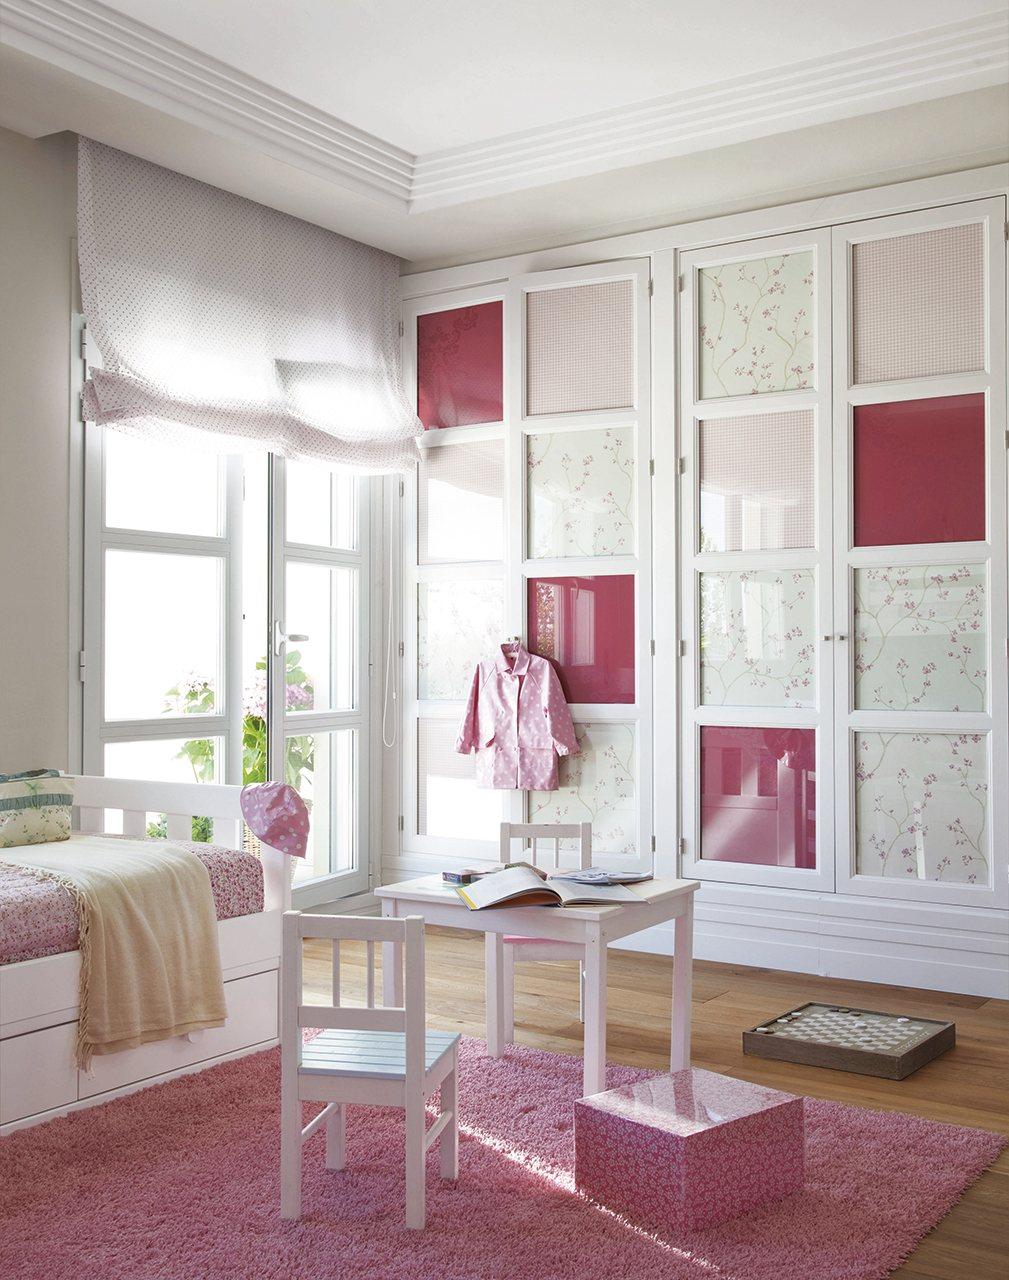 Muebles dormitorio zona norte 20170804231031 for Muebles dormitorio